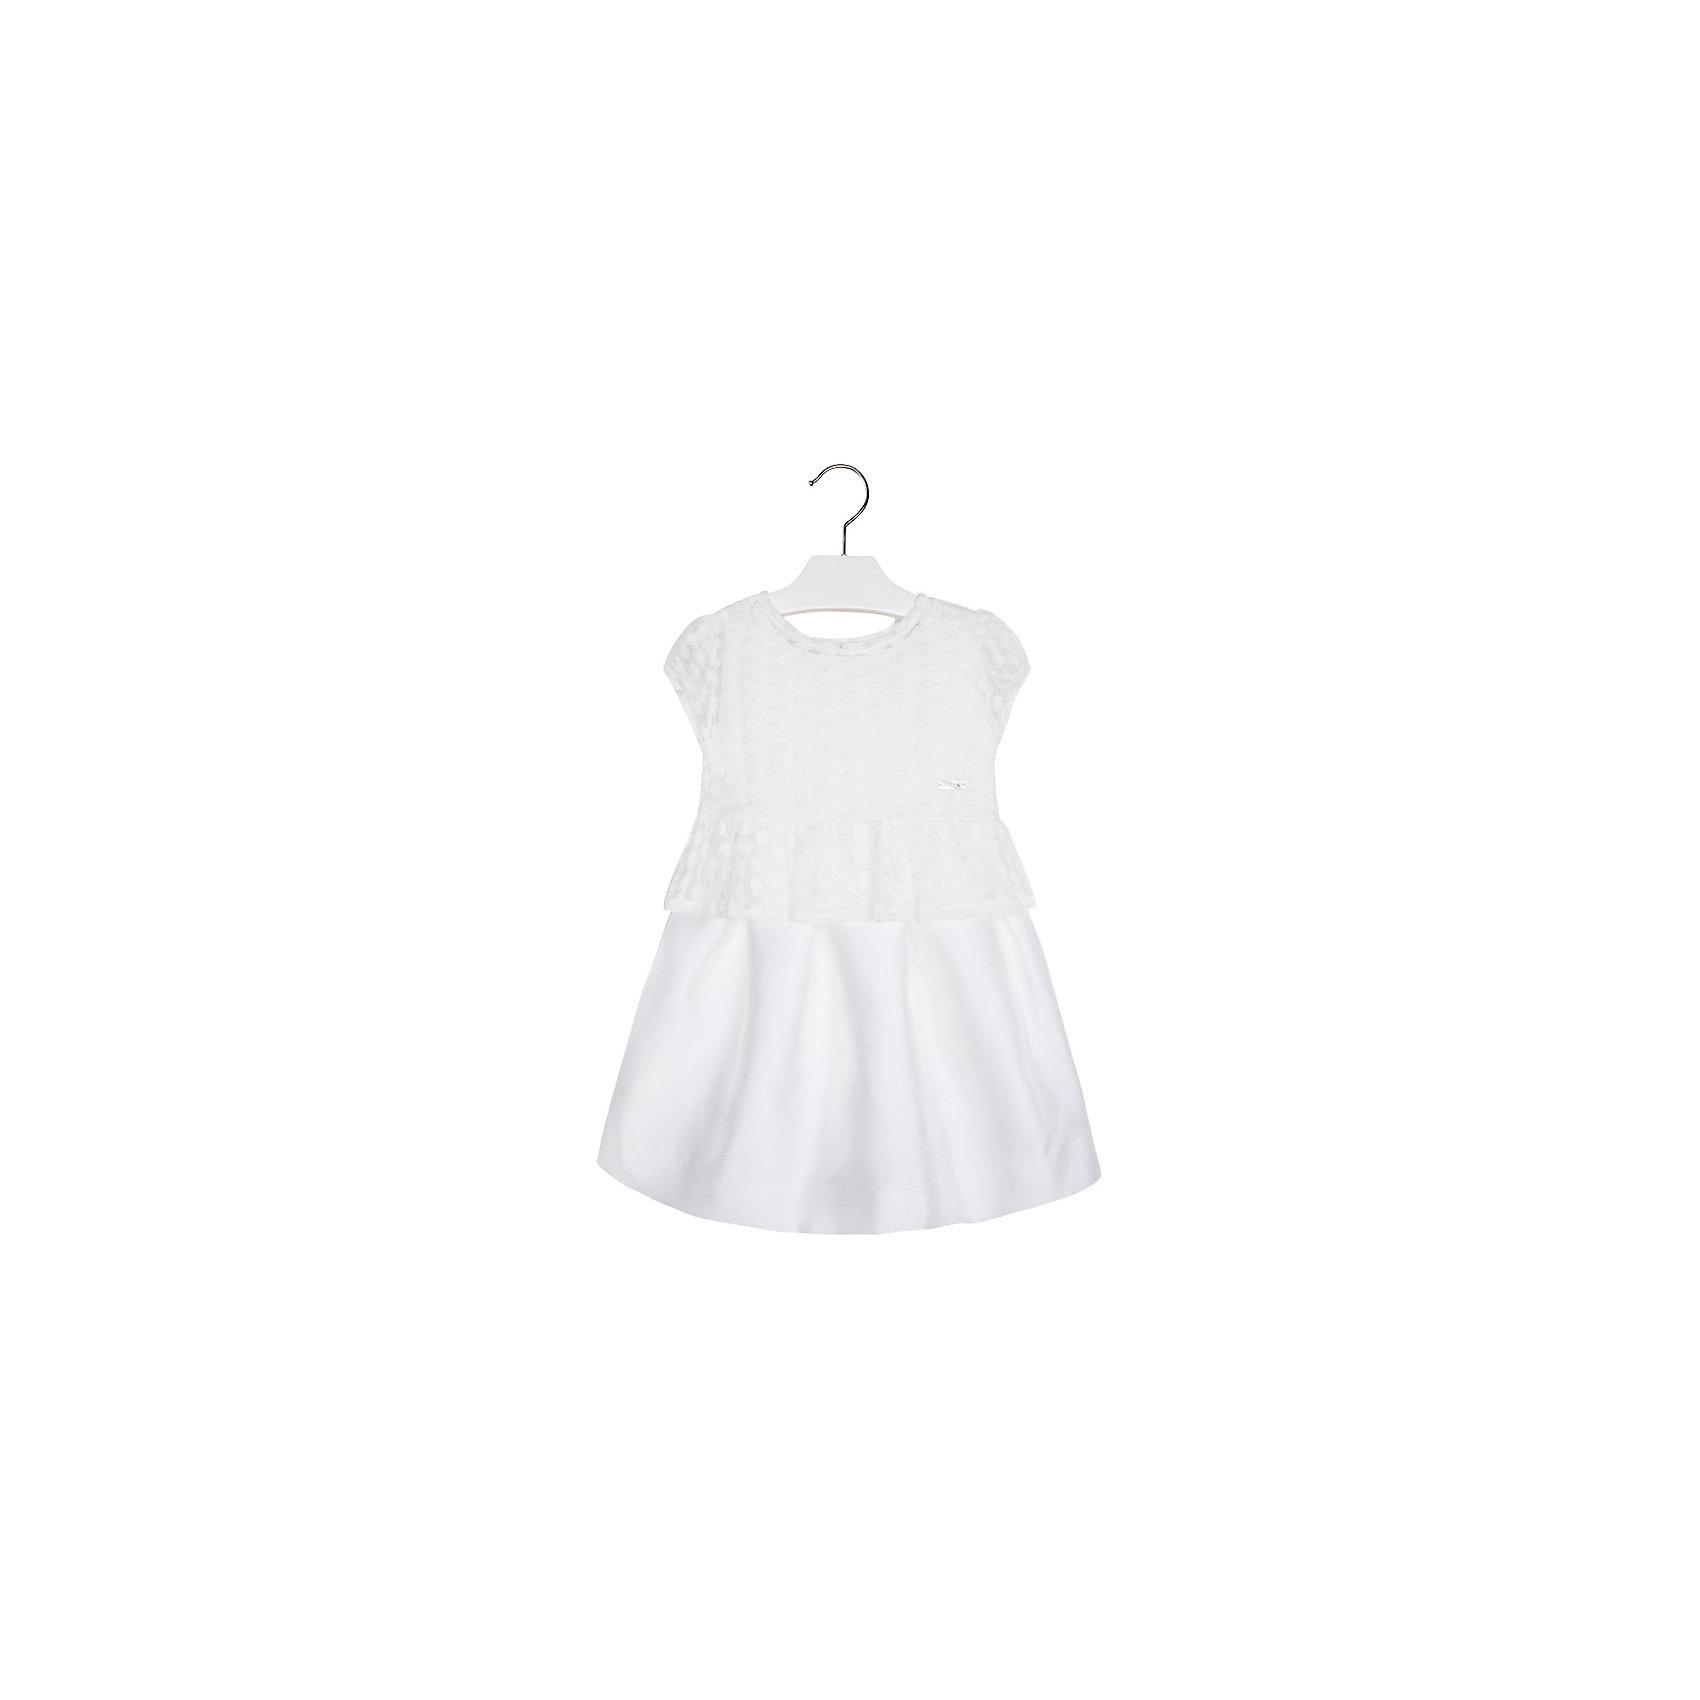 Mayoral Платье для девочки Mayoral gaialuna платье для девочки ge531249 белый gaialuna